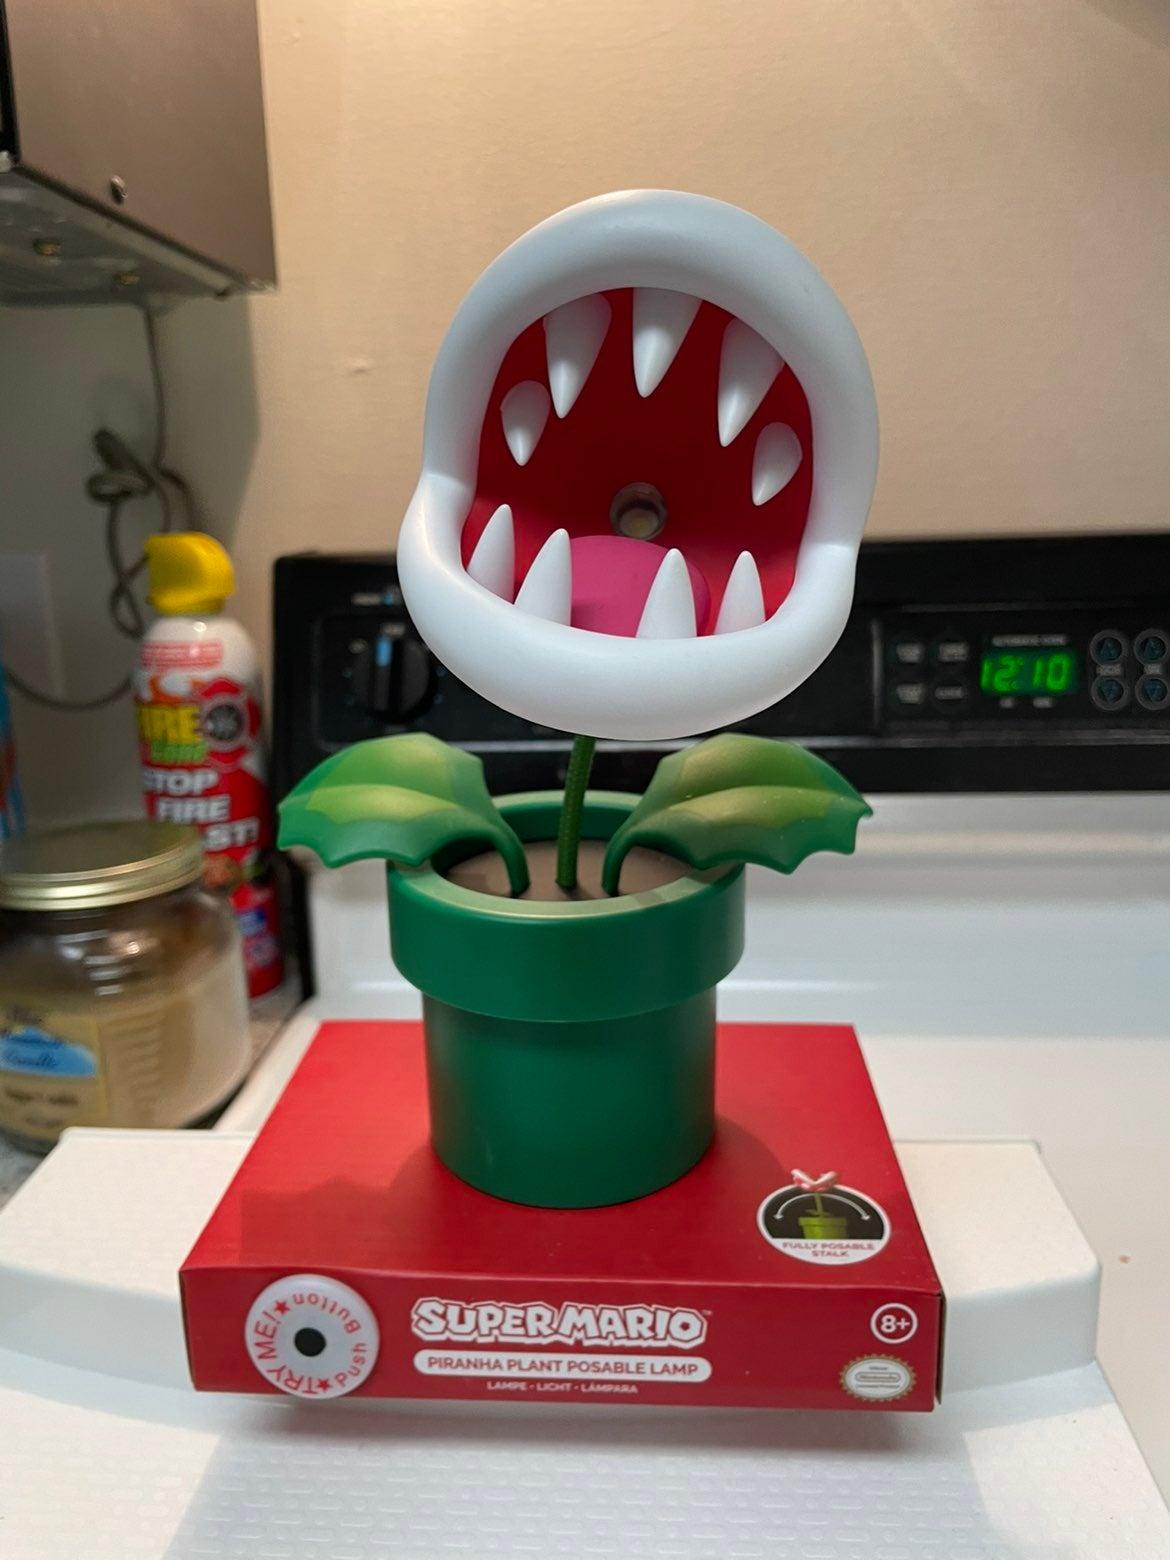 Super Mario Piranha Plant Posable Lamp